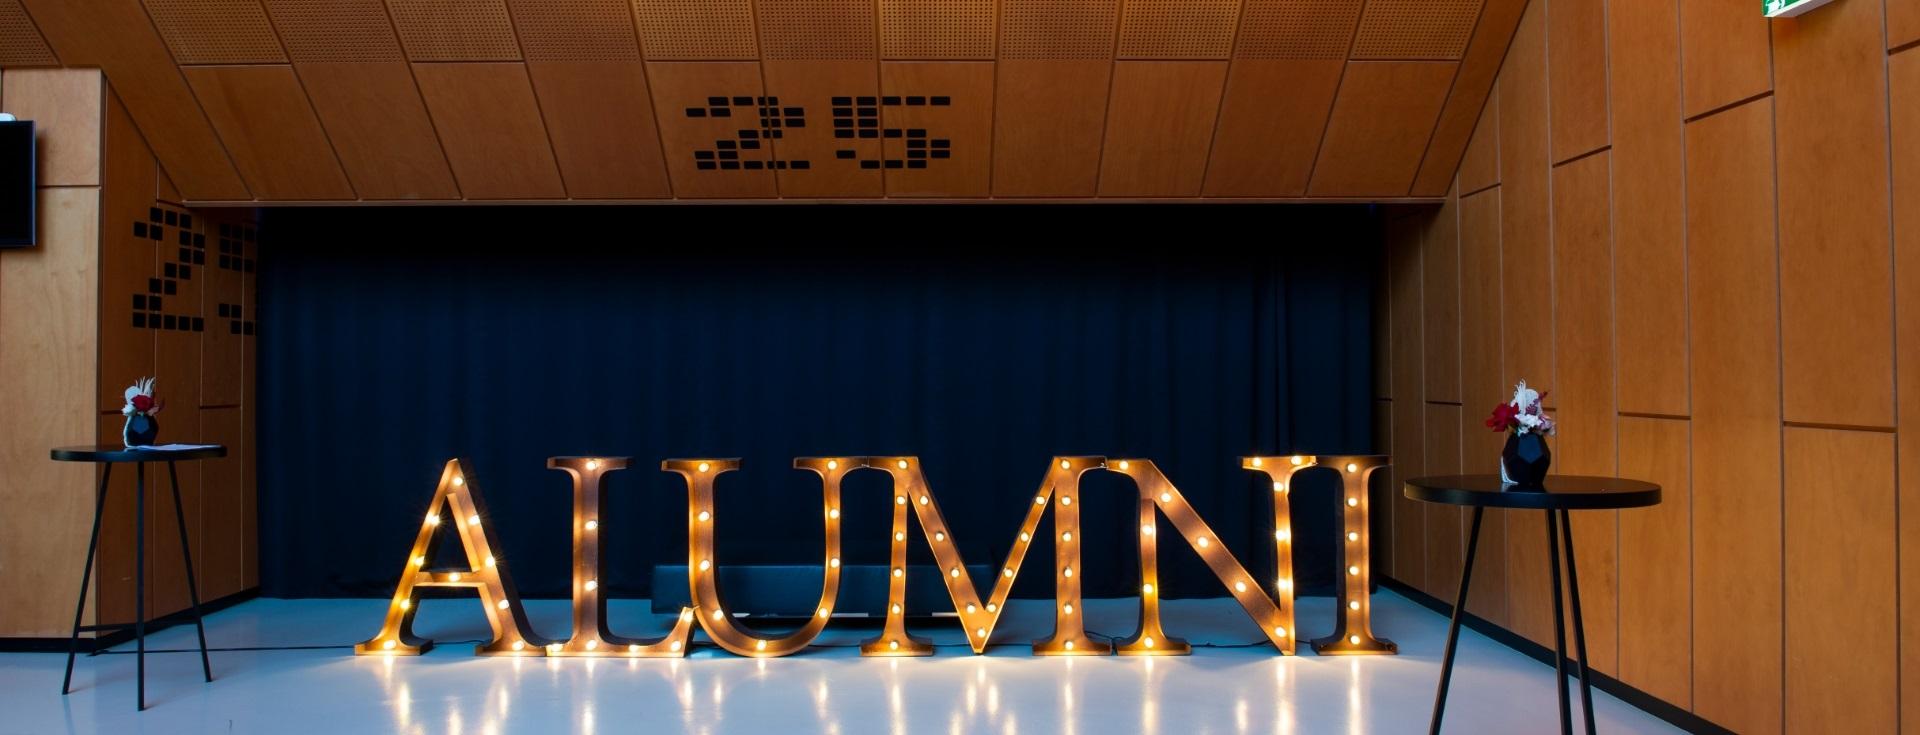 Alumni sign